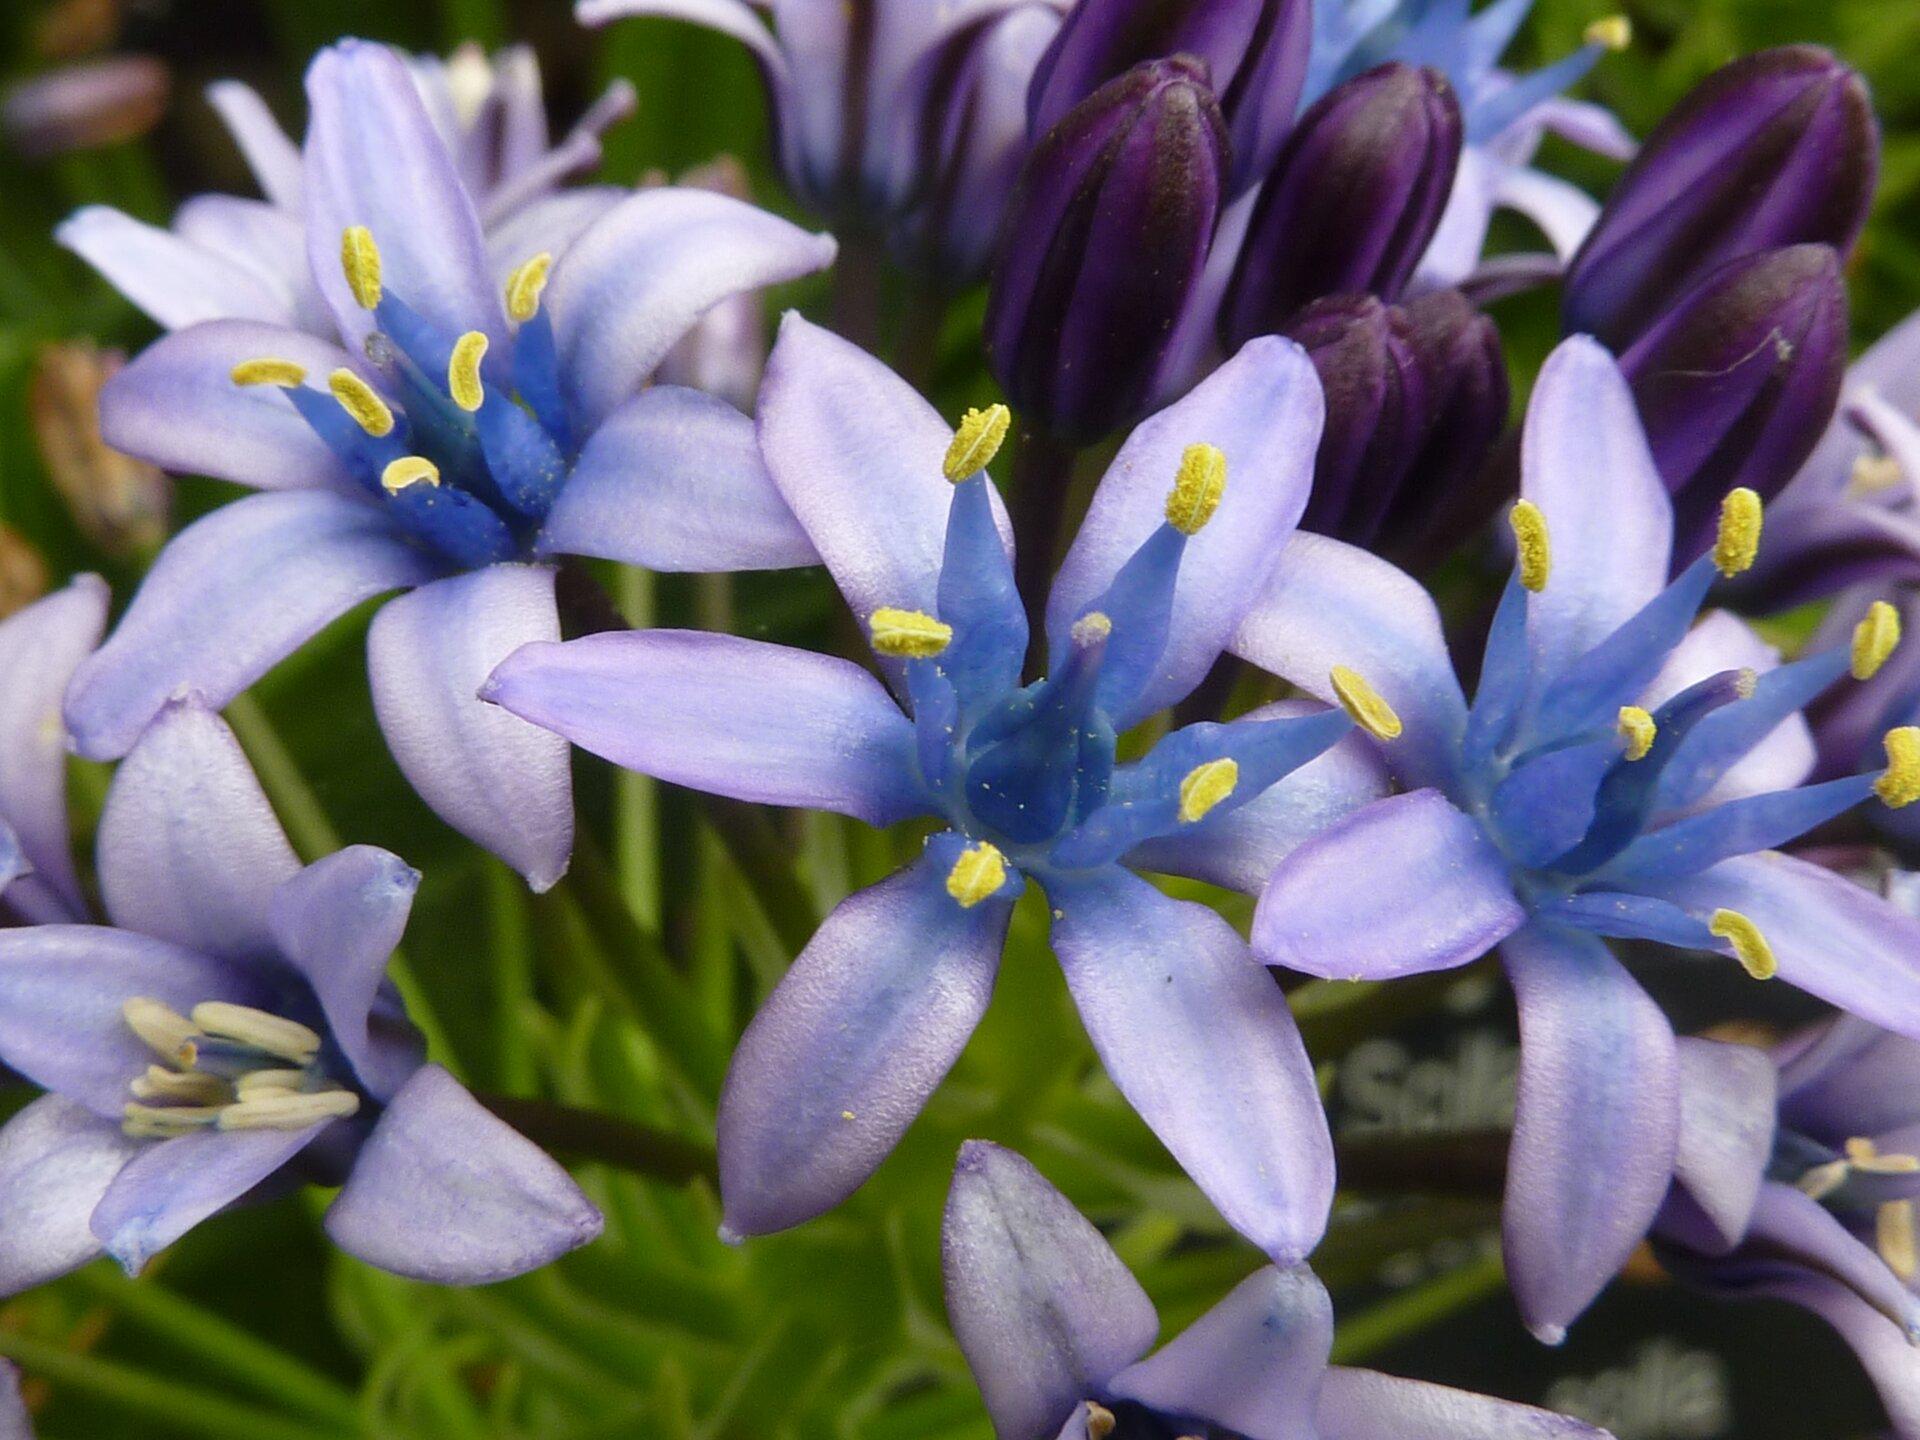 Fotografia przedstawia szafirowe kwiaty cebulicy wdużym zbliżeniu. Trzy są rozwinięte, pozostałe jeszcze wpąkach. Każdy kwiat ma sześć jaśniejszych płatków ituż przy nich butelkowate pręciki zżółtymi pylnikami. Wcentrum stoi gruby, butelkowaty słupek ze zgrubieniem na szczycie.